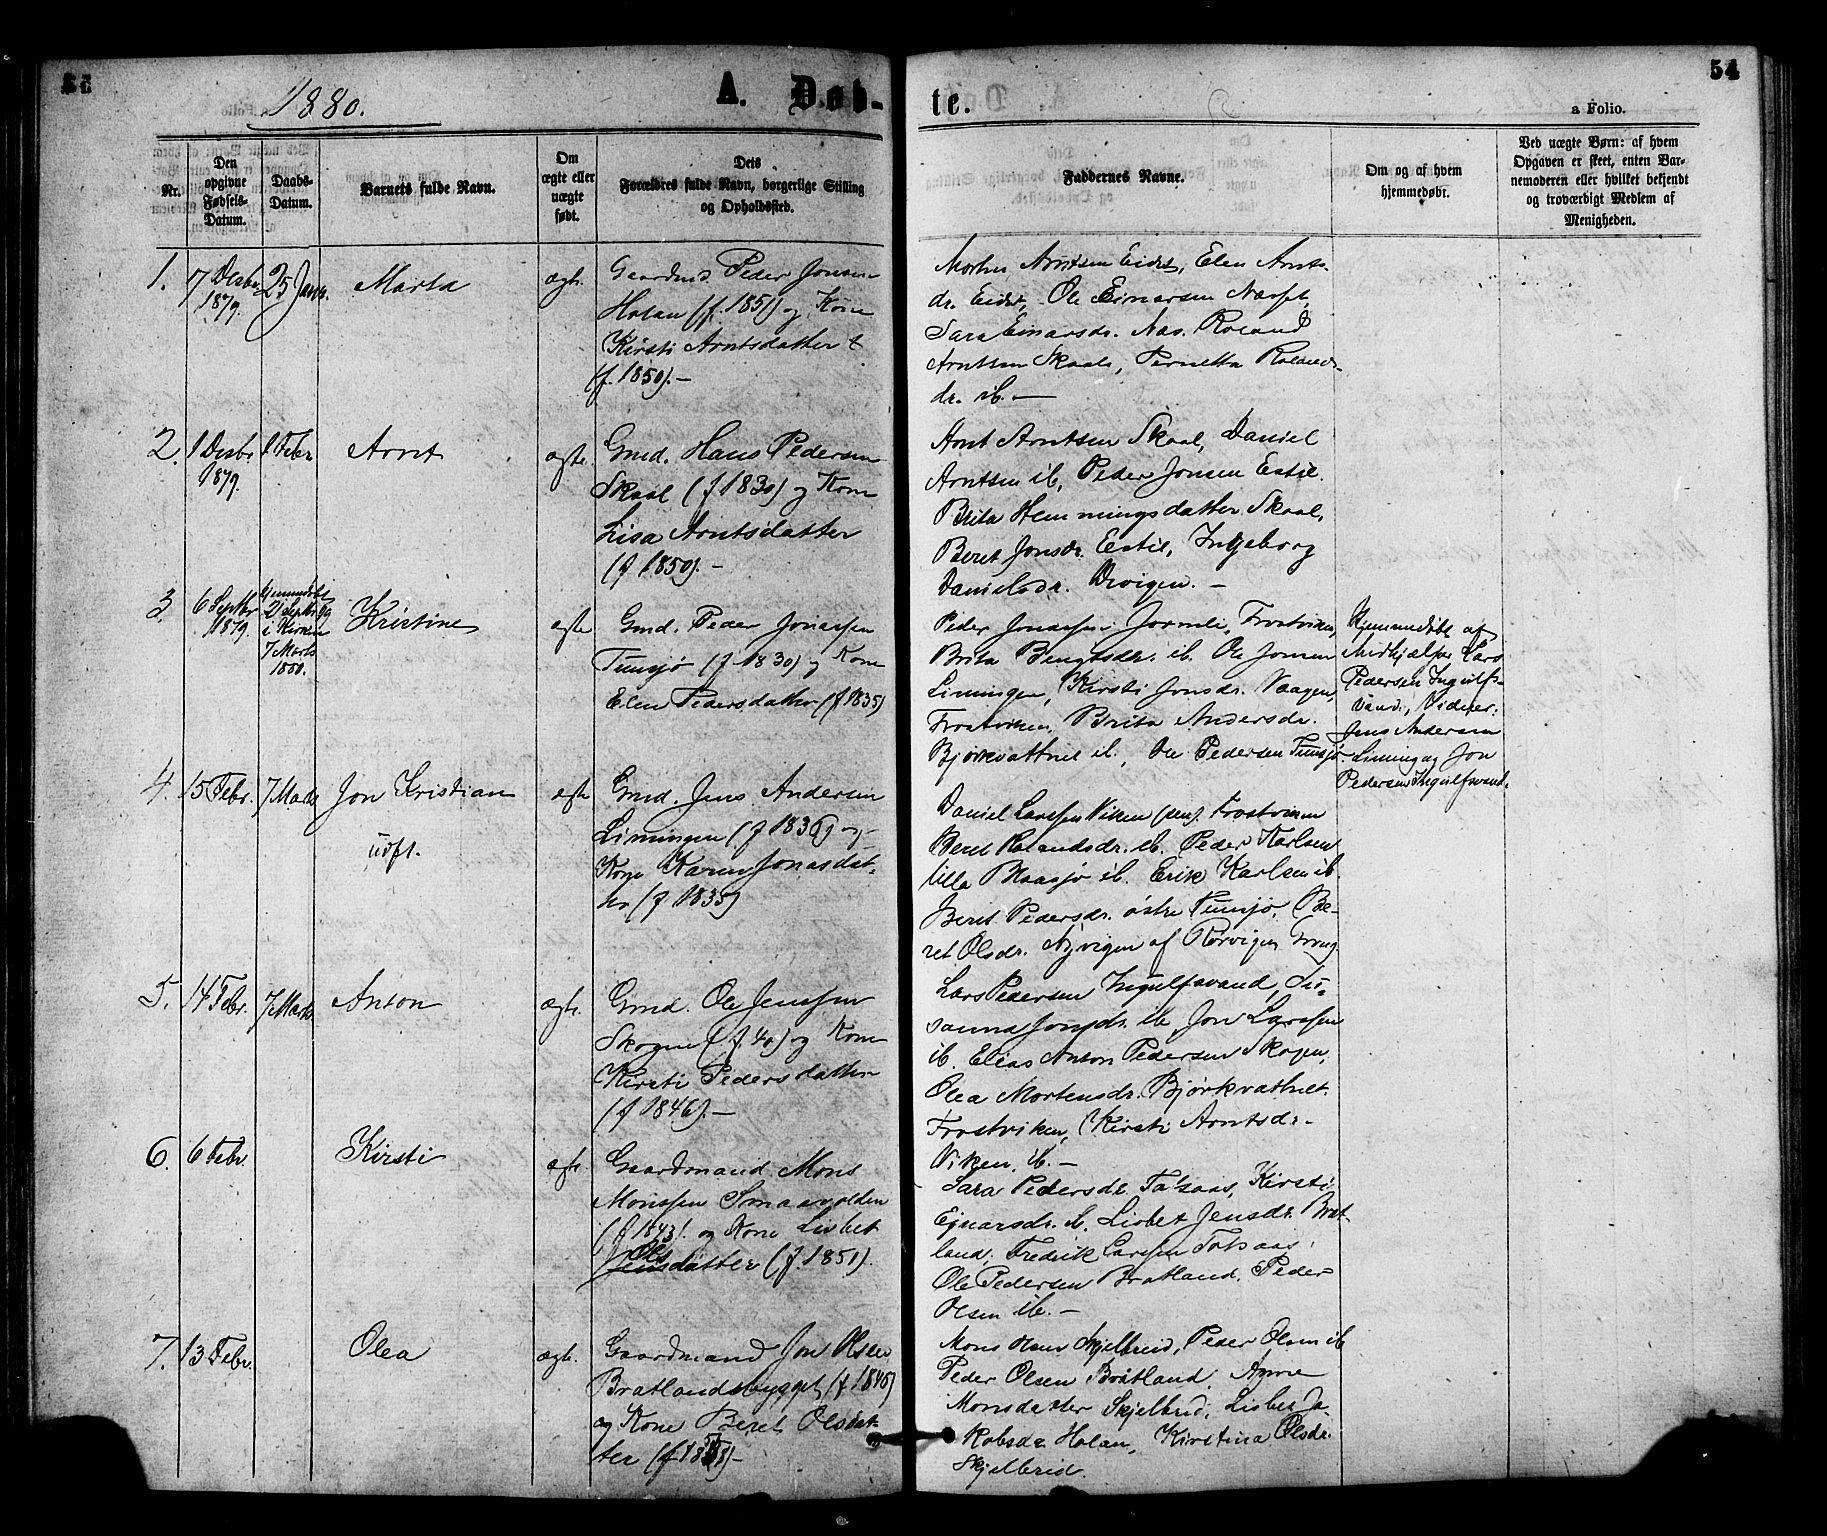 SAT, Ministerialprotokoller, klokkerbøker og fødselsregistre - Nord-Trøndelag, 755/L0493: Ministerialbok nr. 755A02, 1865-1881, s. 54